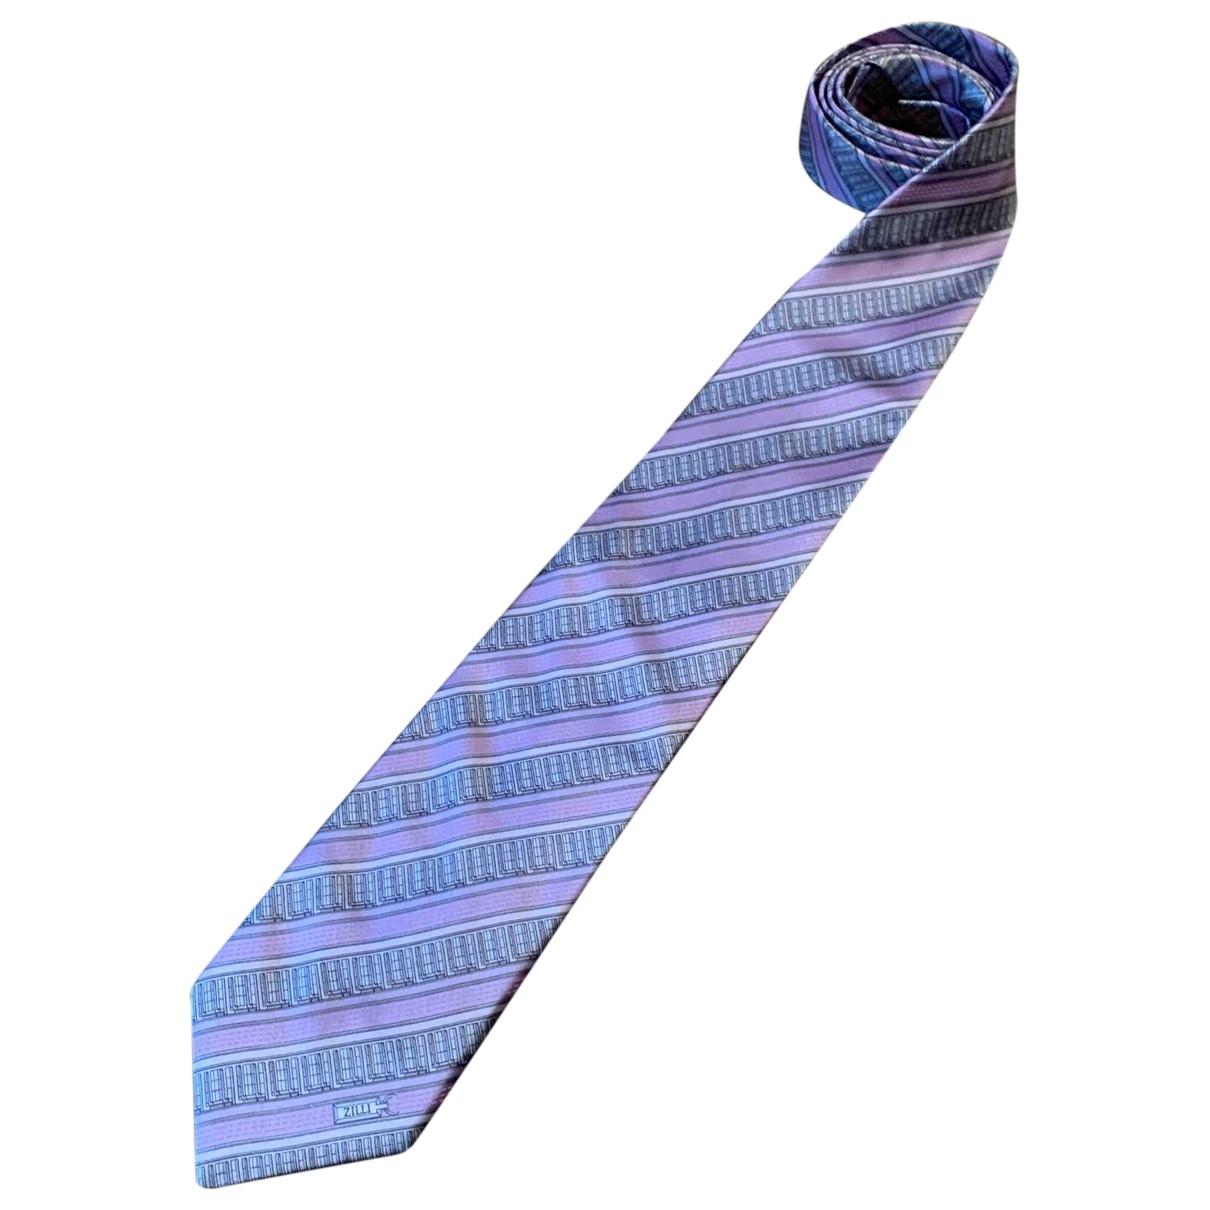 Corbata de Seda Zilli